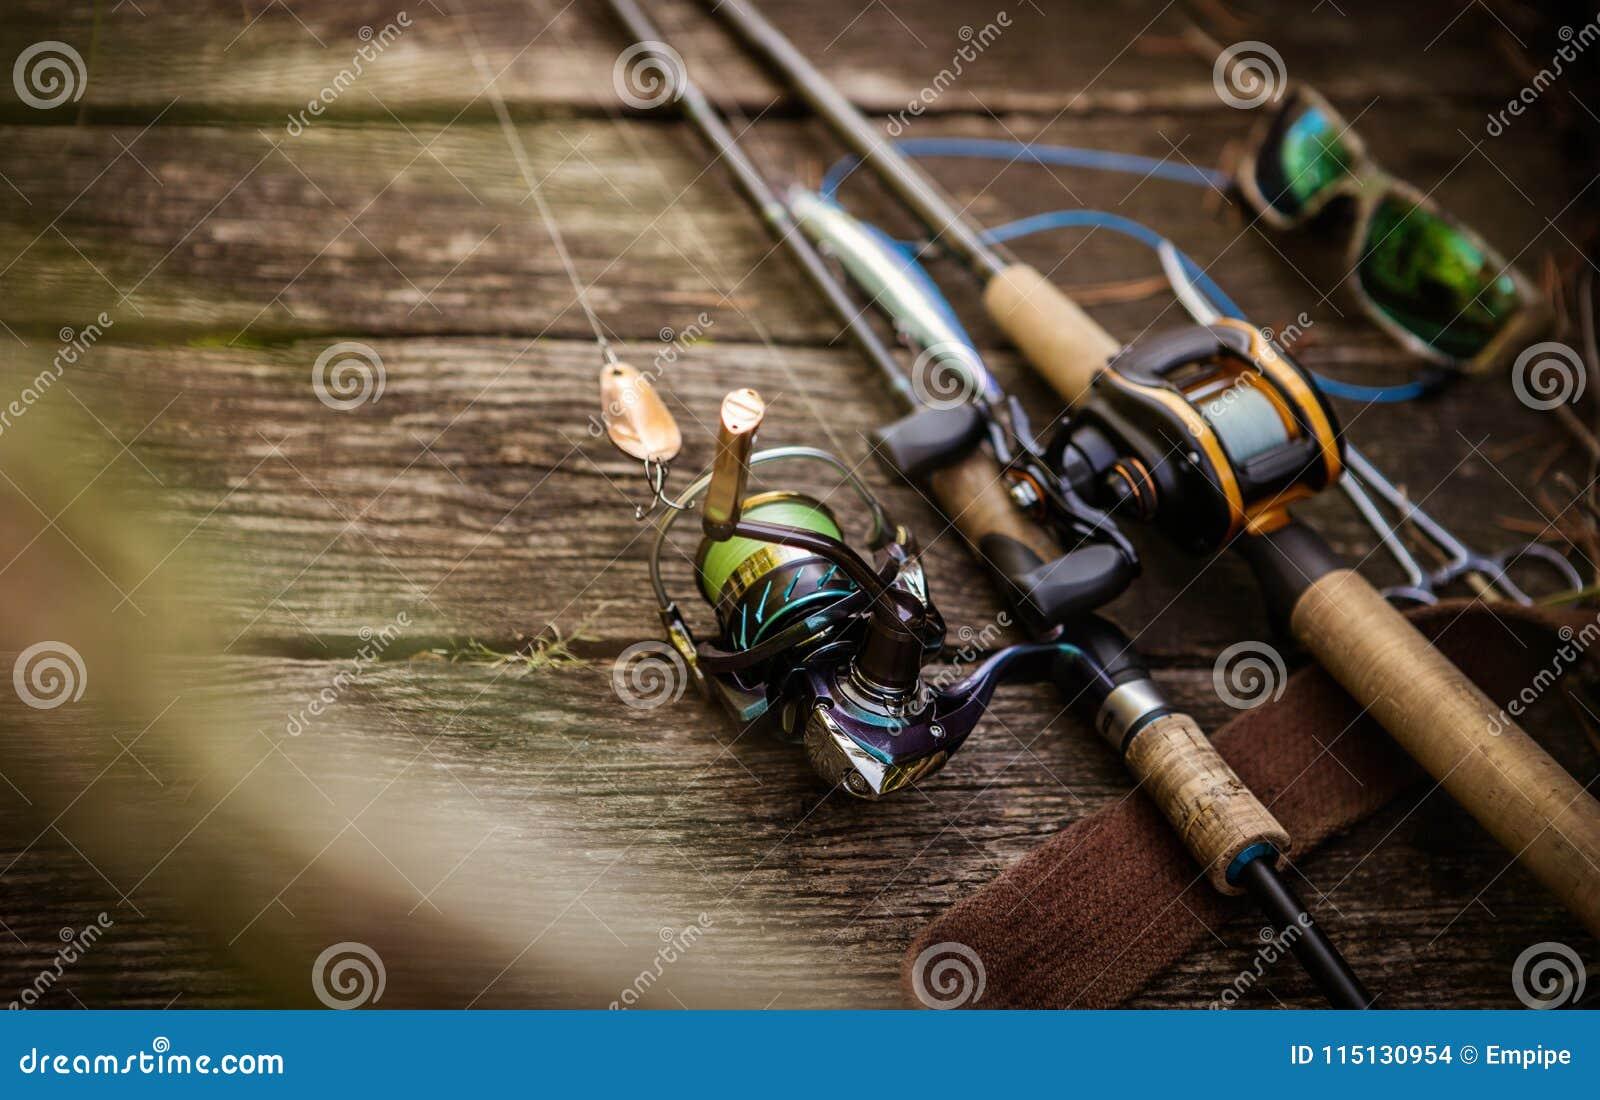 Composizione nell attrezzatura di pesca, fondo di legno